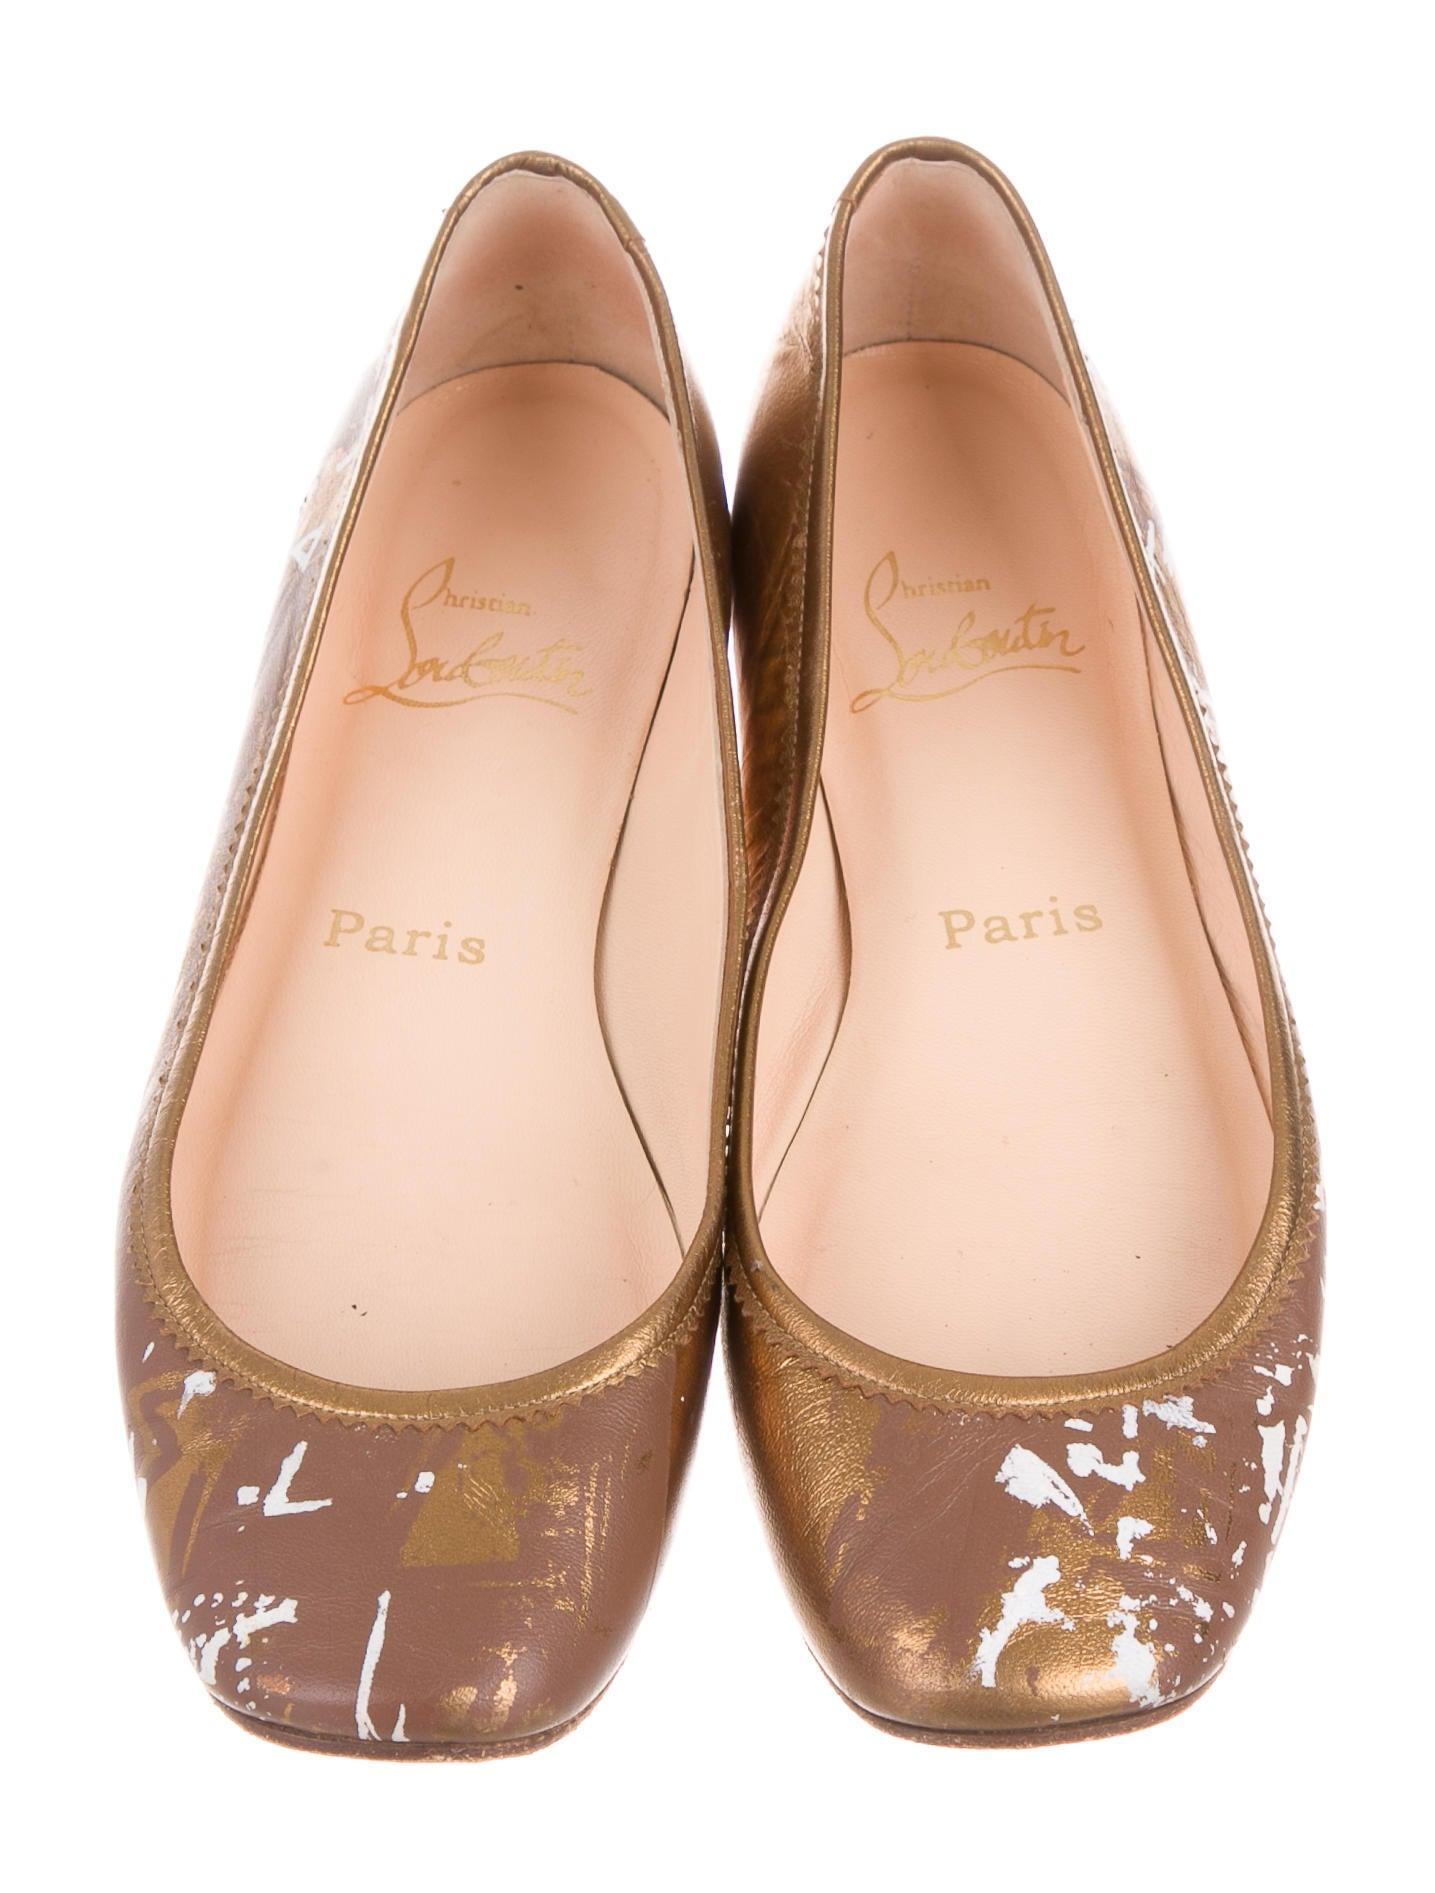 replica louis vuitton mens - christian louboutin metallic round-toe flats, buy replica shoes online